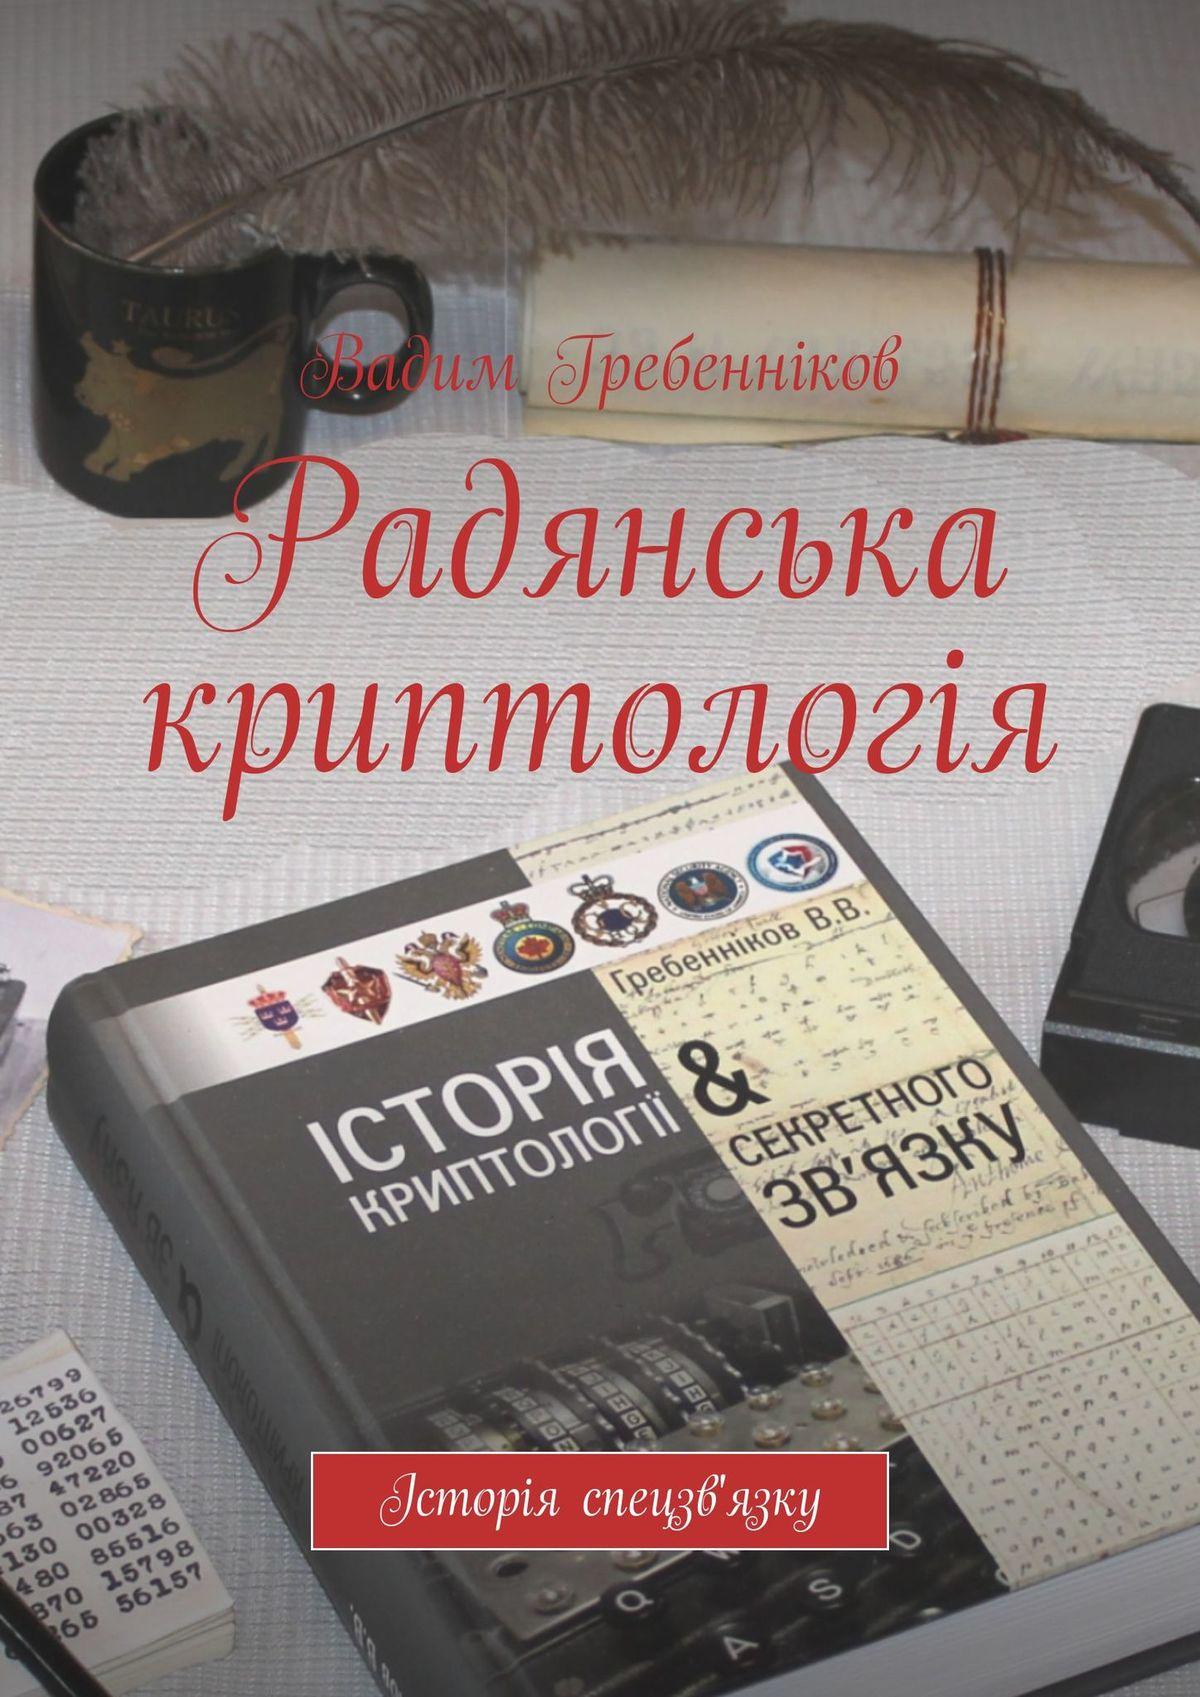 Радянська криптологія